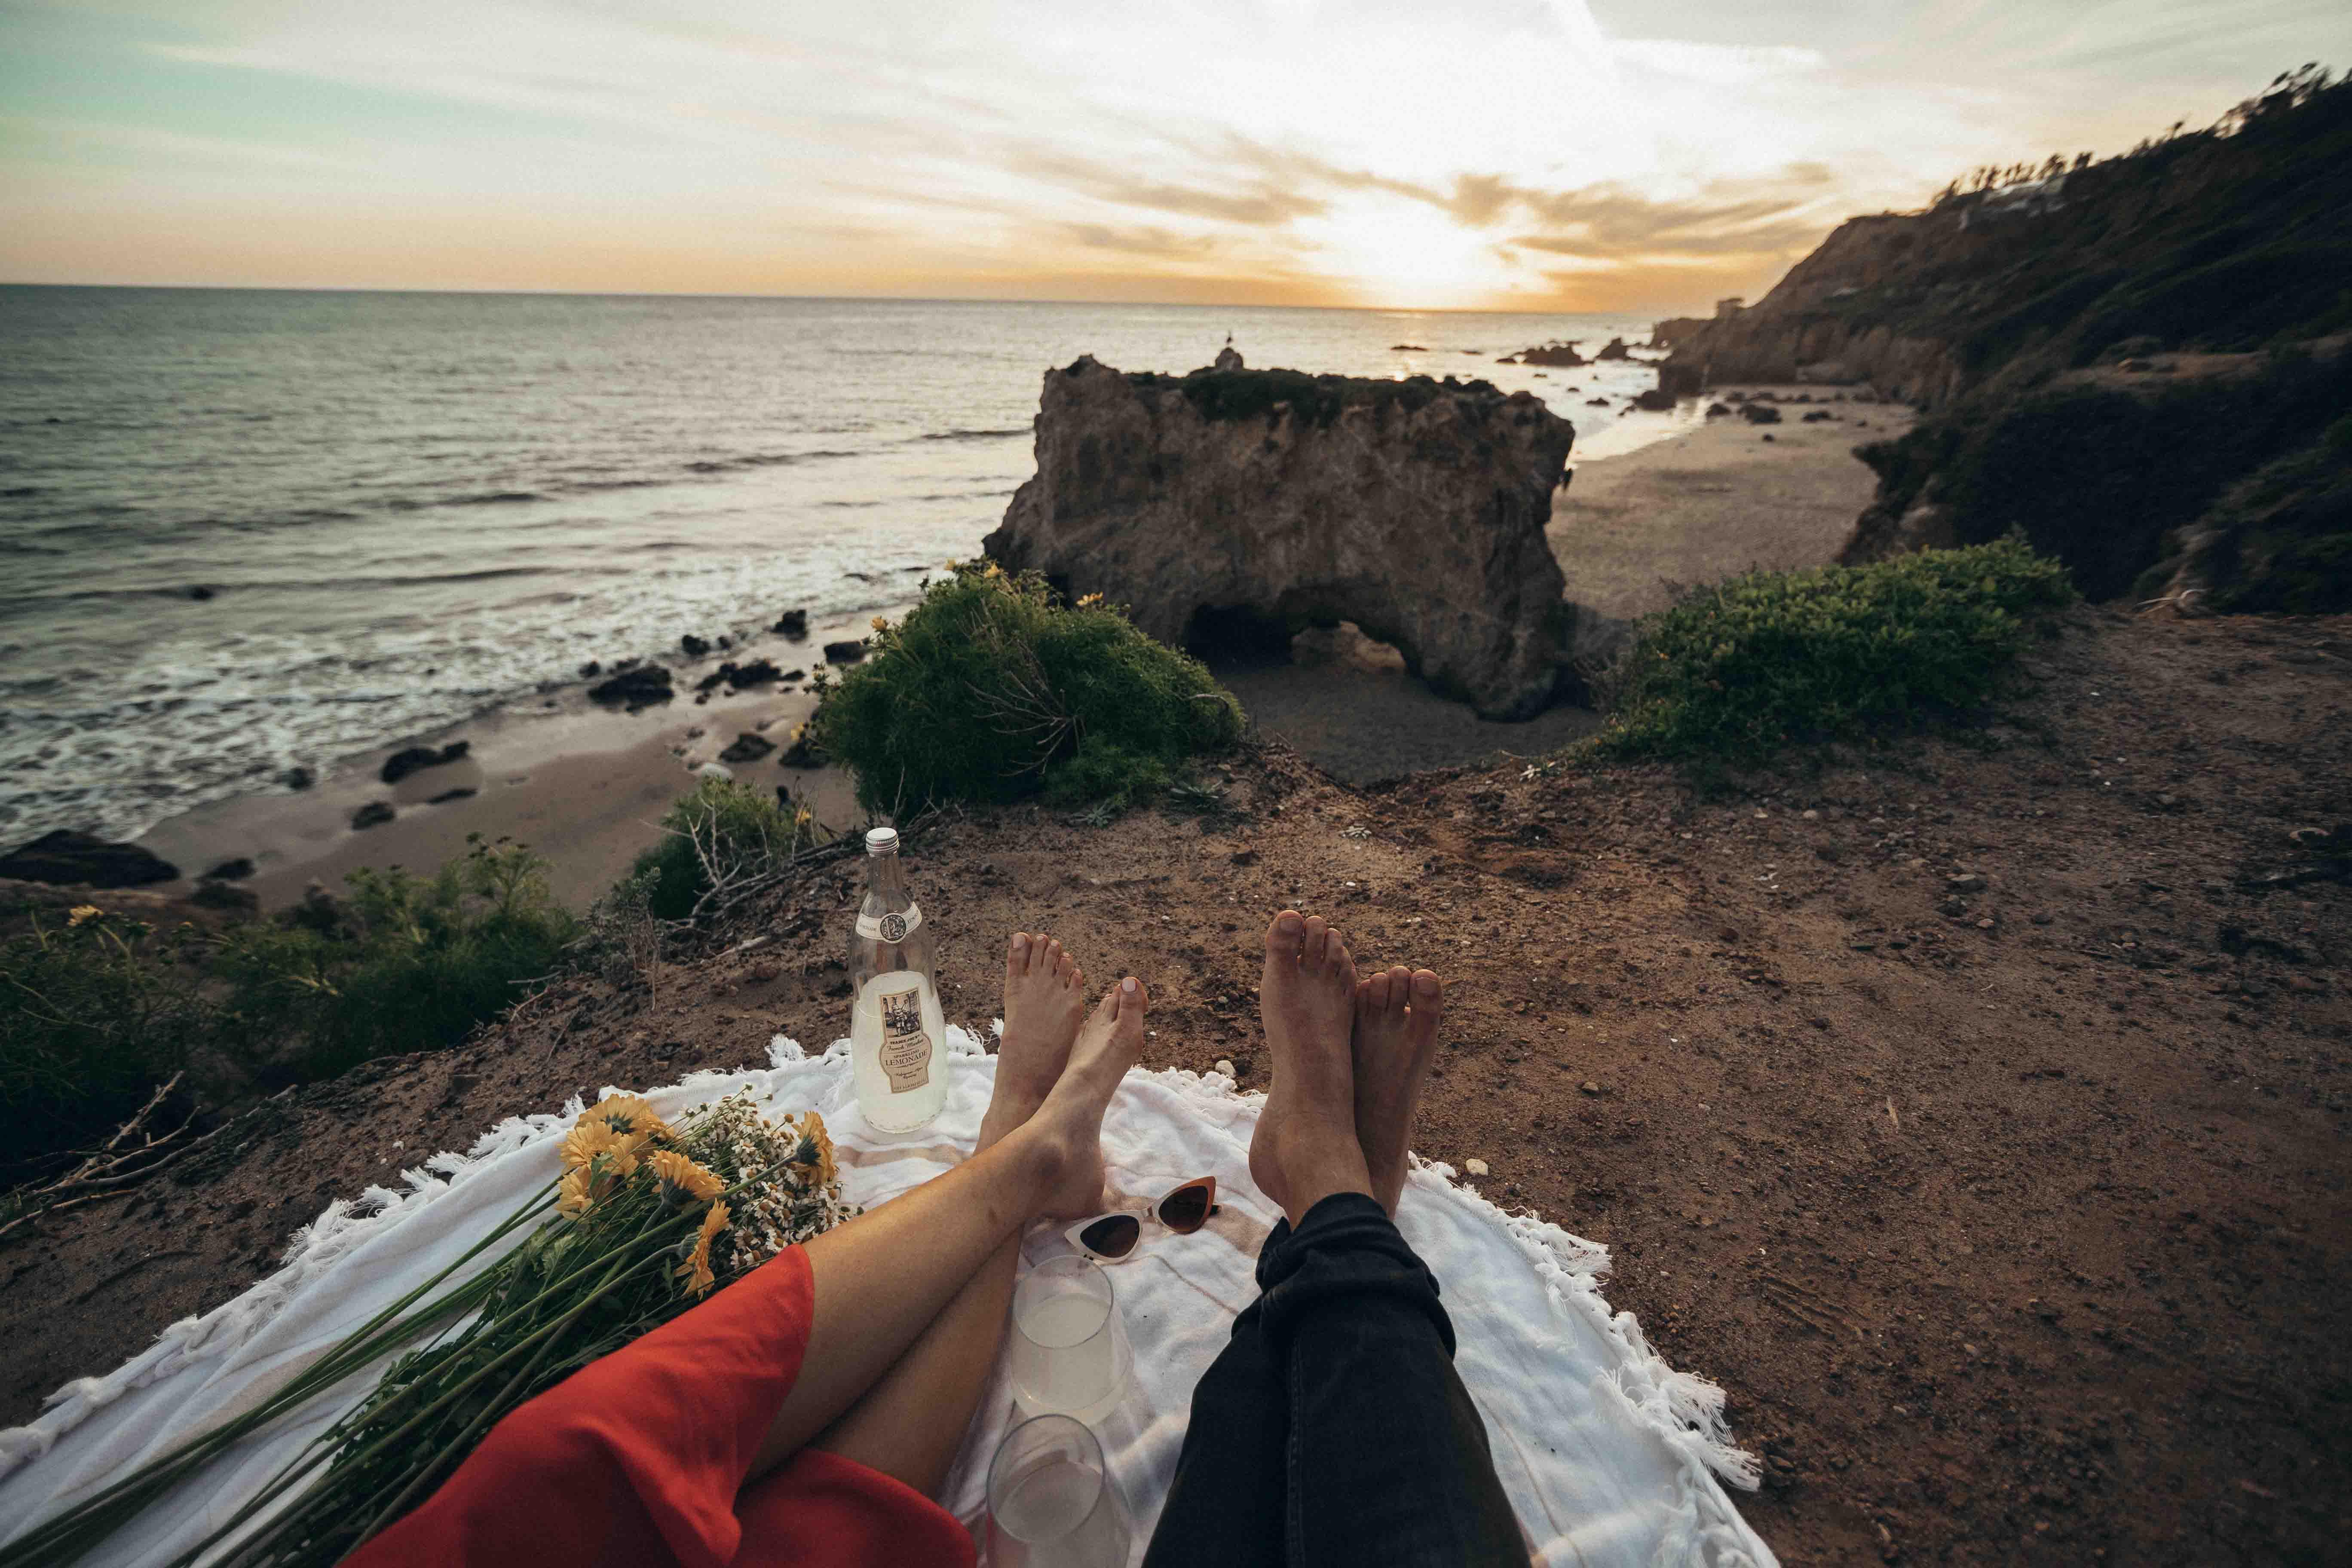 cặp đôi cầu hôn trên bãi biển